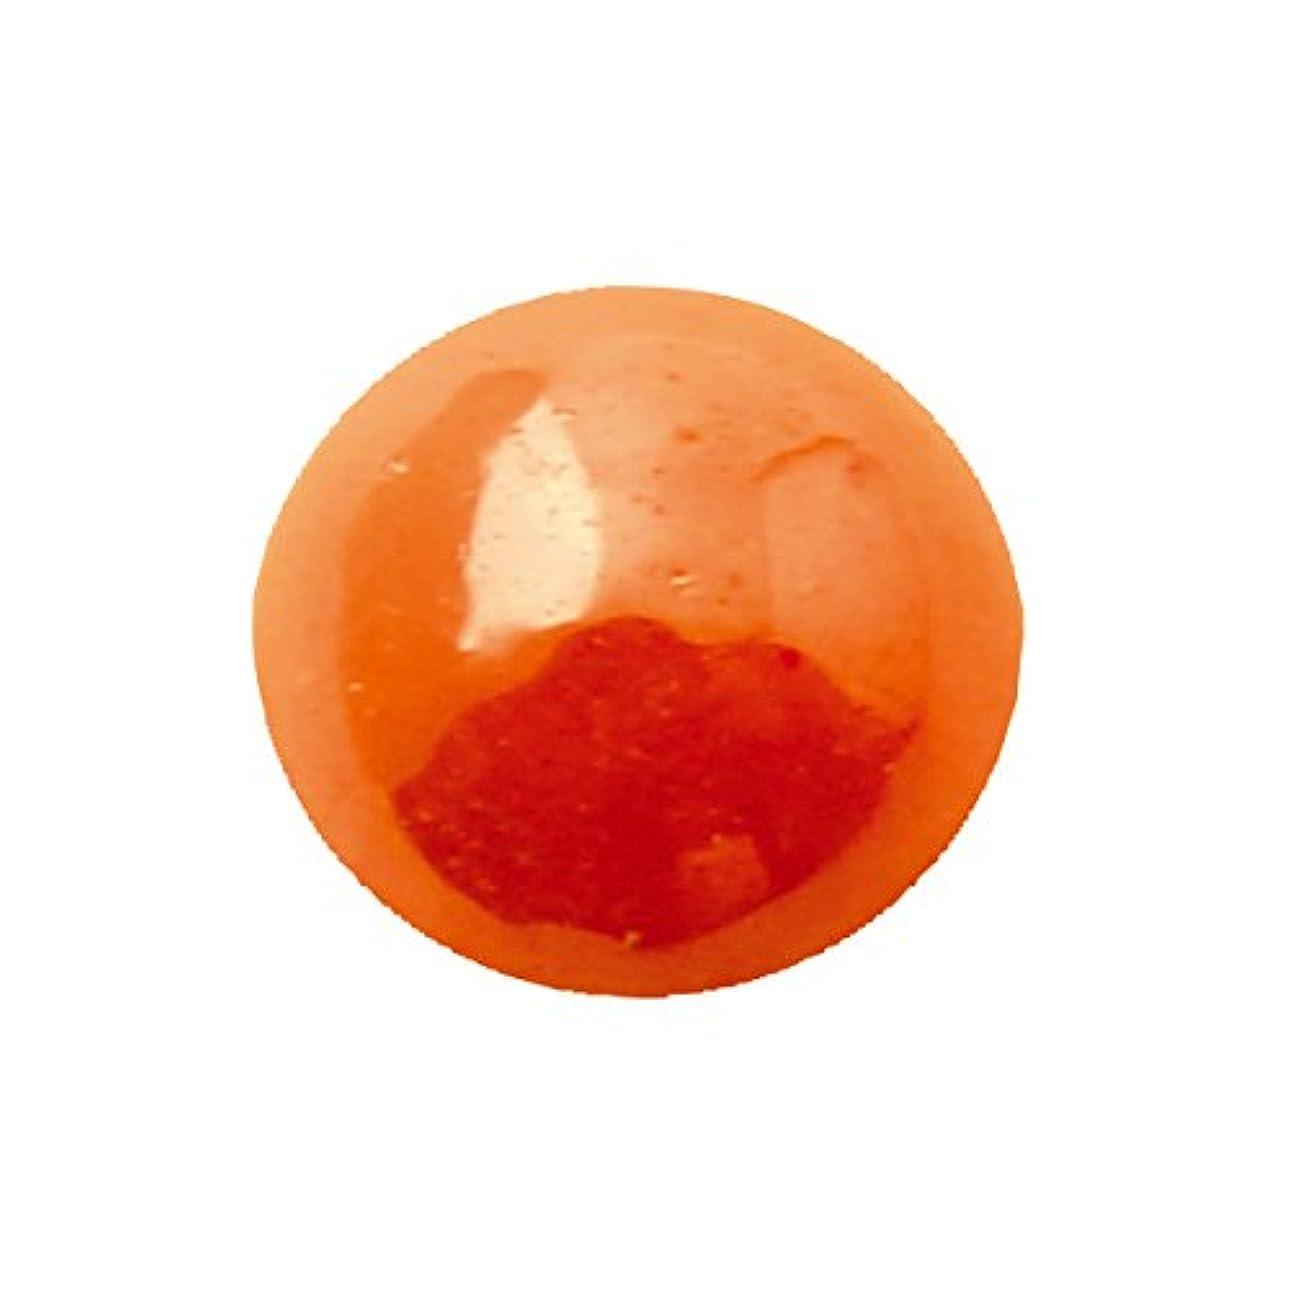 下る葉巻吸い込むグラスパールラウンド 4mm(各30個) オレンジ